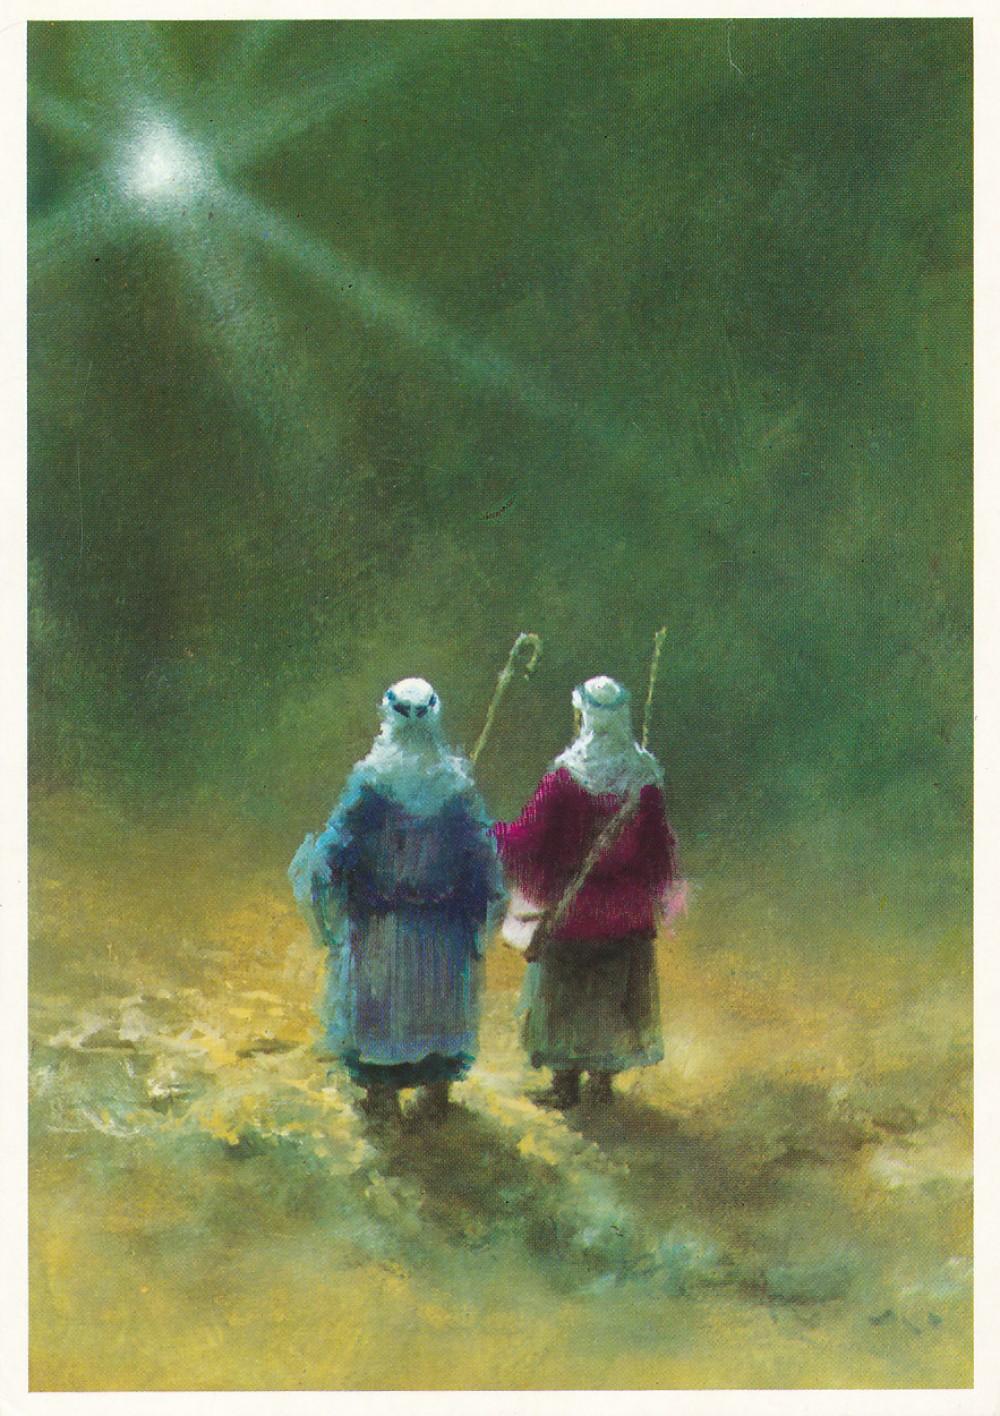 M. ir K. Barėnų Kalėdų ir Naujųjų metų sveikinimas A. ir S. Santvarams. Didžioji Britanija